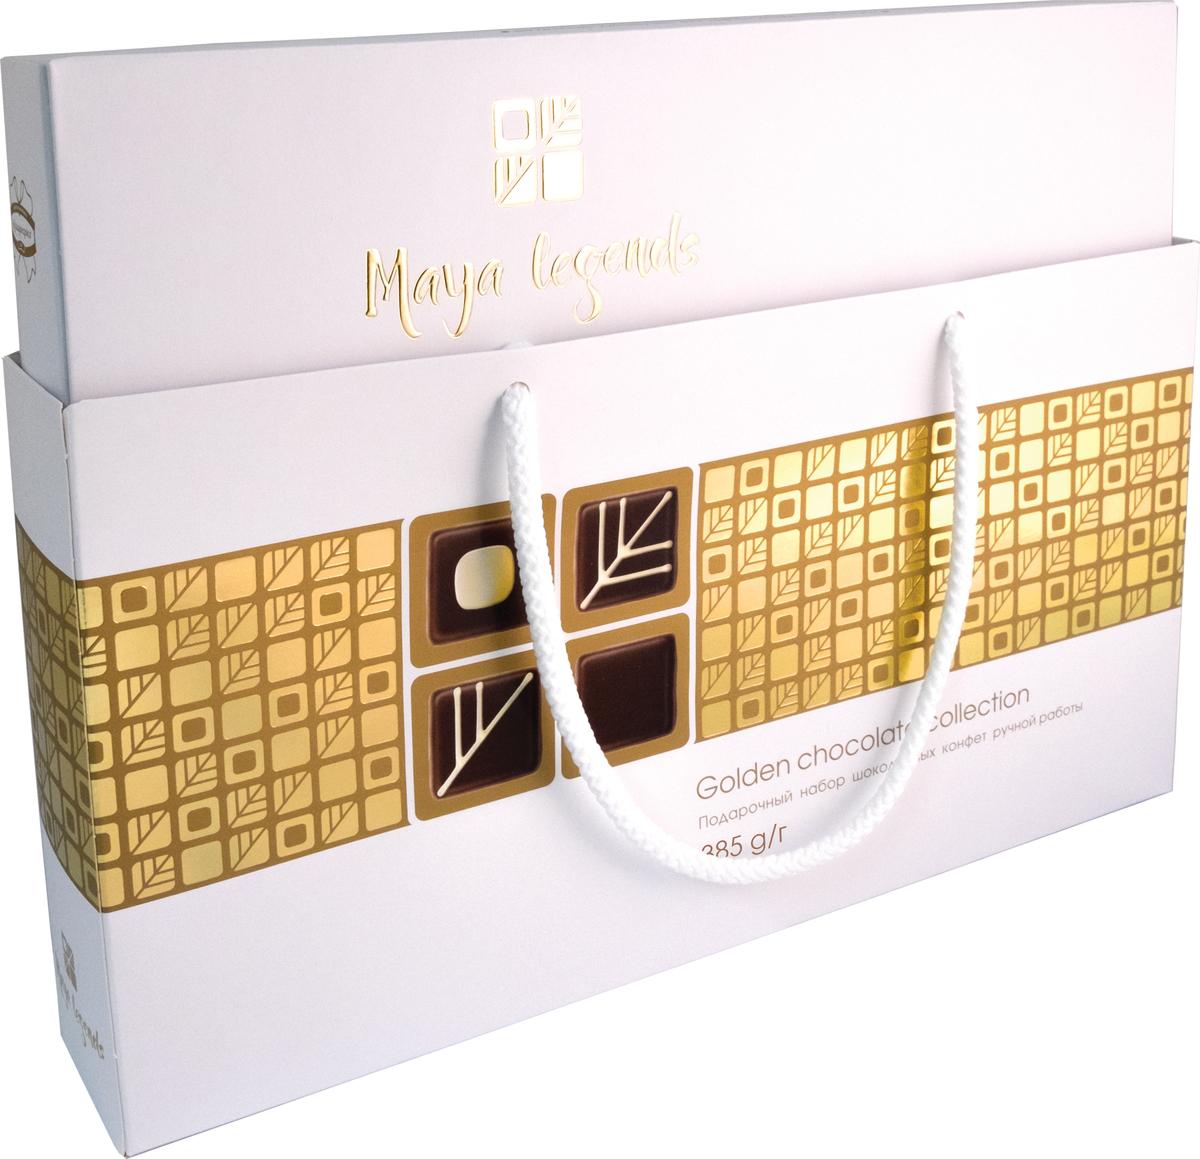 Коммунарка Легенды майя набор конфет цвет белый, 385 г flis happy moka кофейные глазированные конфеты 140 г